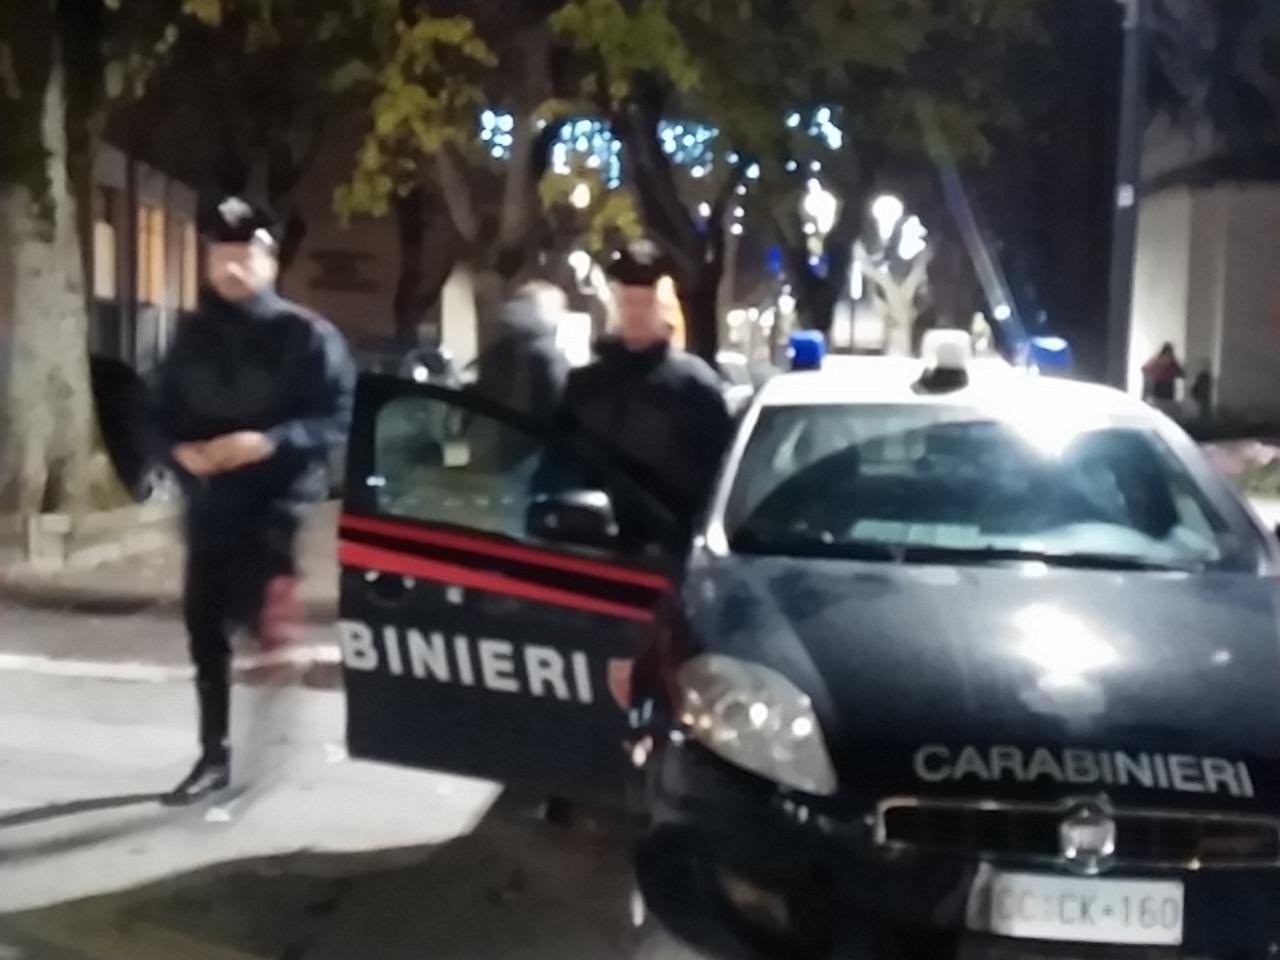 Ai domiciliari esce per una passeggiata con la figlia, arrestato per evasione